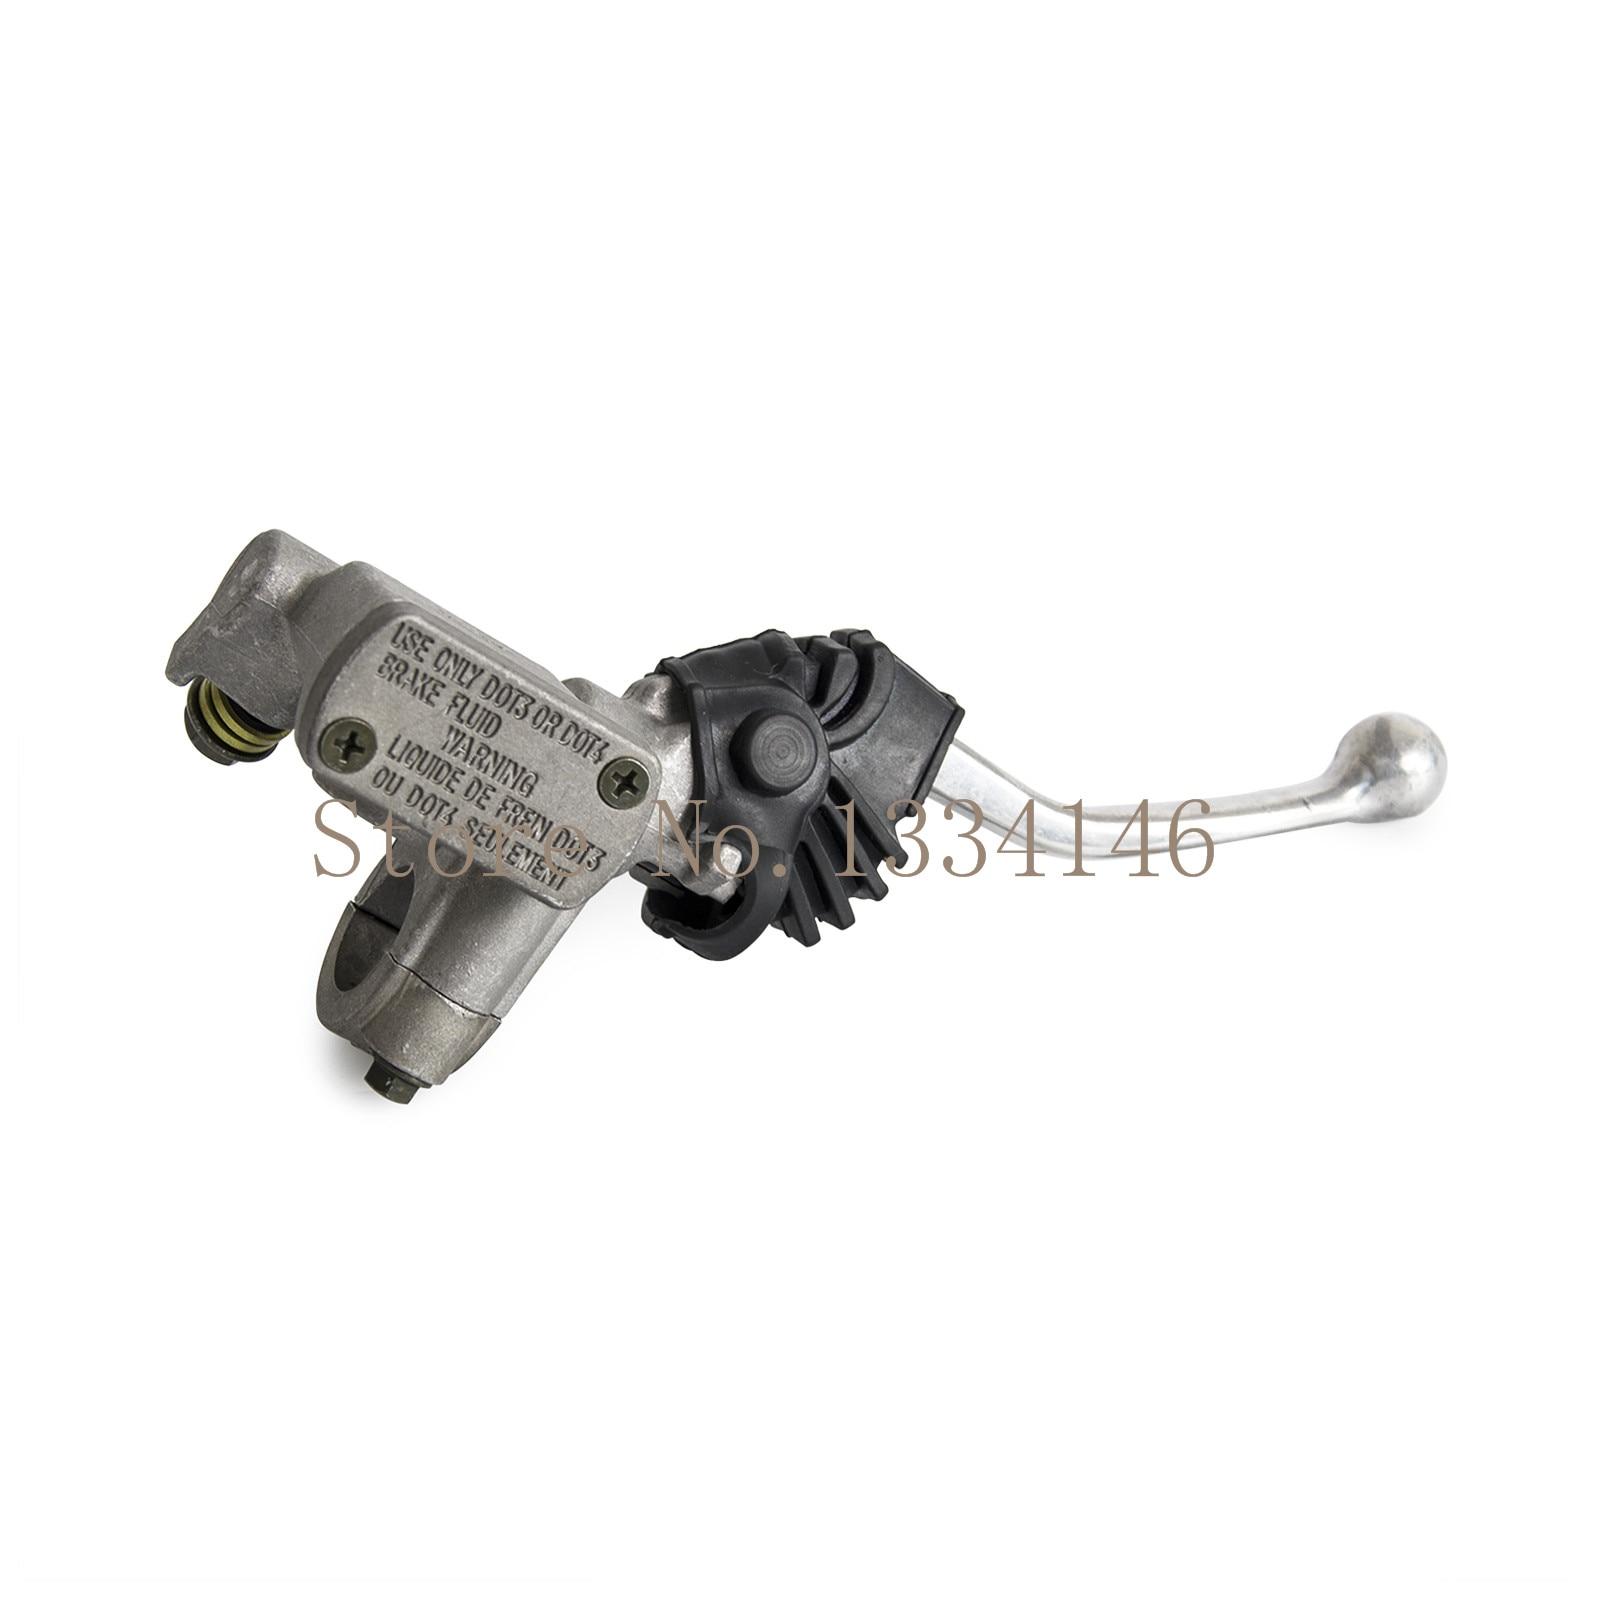 Front Brake Master Cylinder For Honda CR125R CR250R CR500R CRF250R CRF250X CRF450R CRF450X XR250R XR400R XR650R<br>